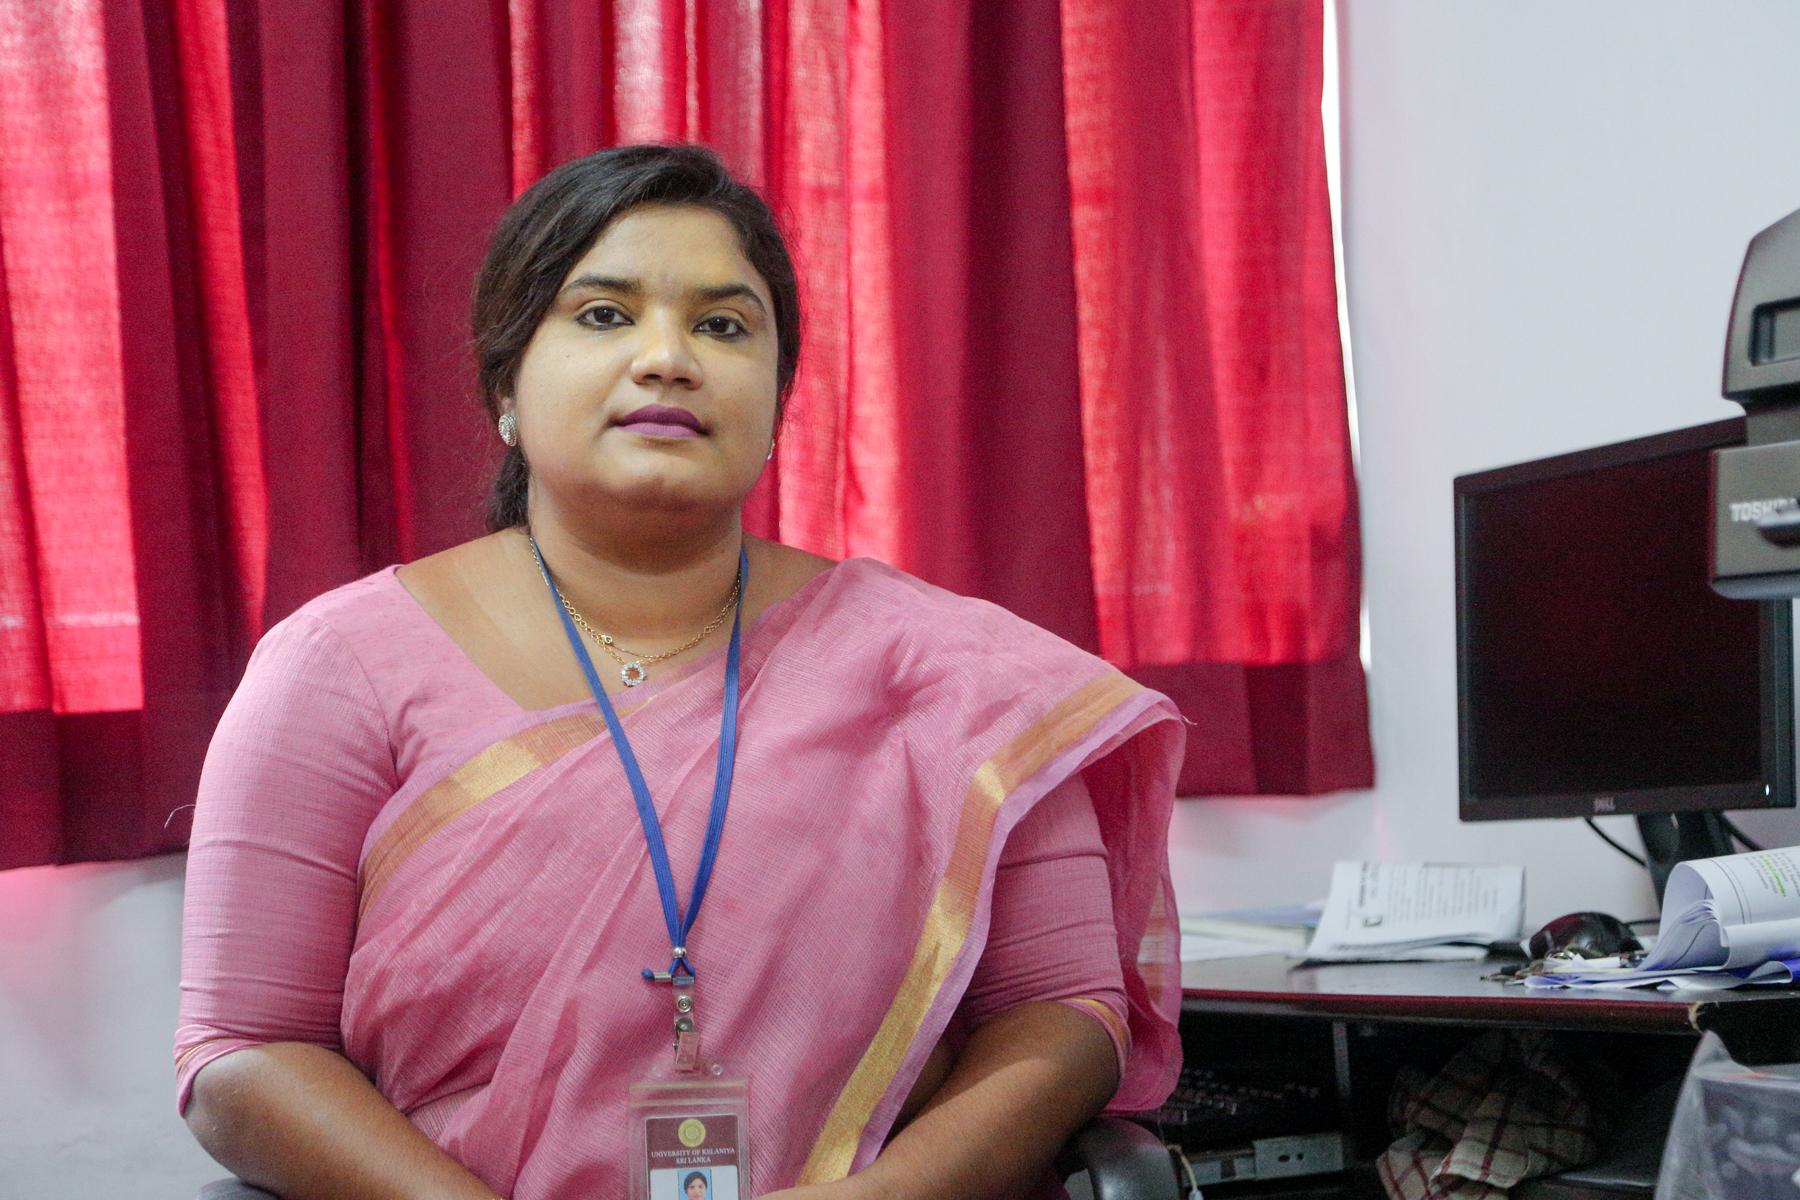 Ms. Asanthi Gamagedara